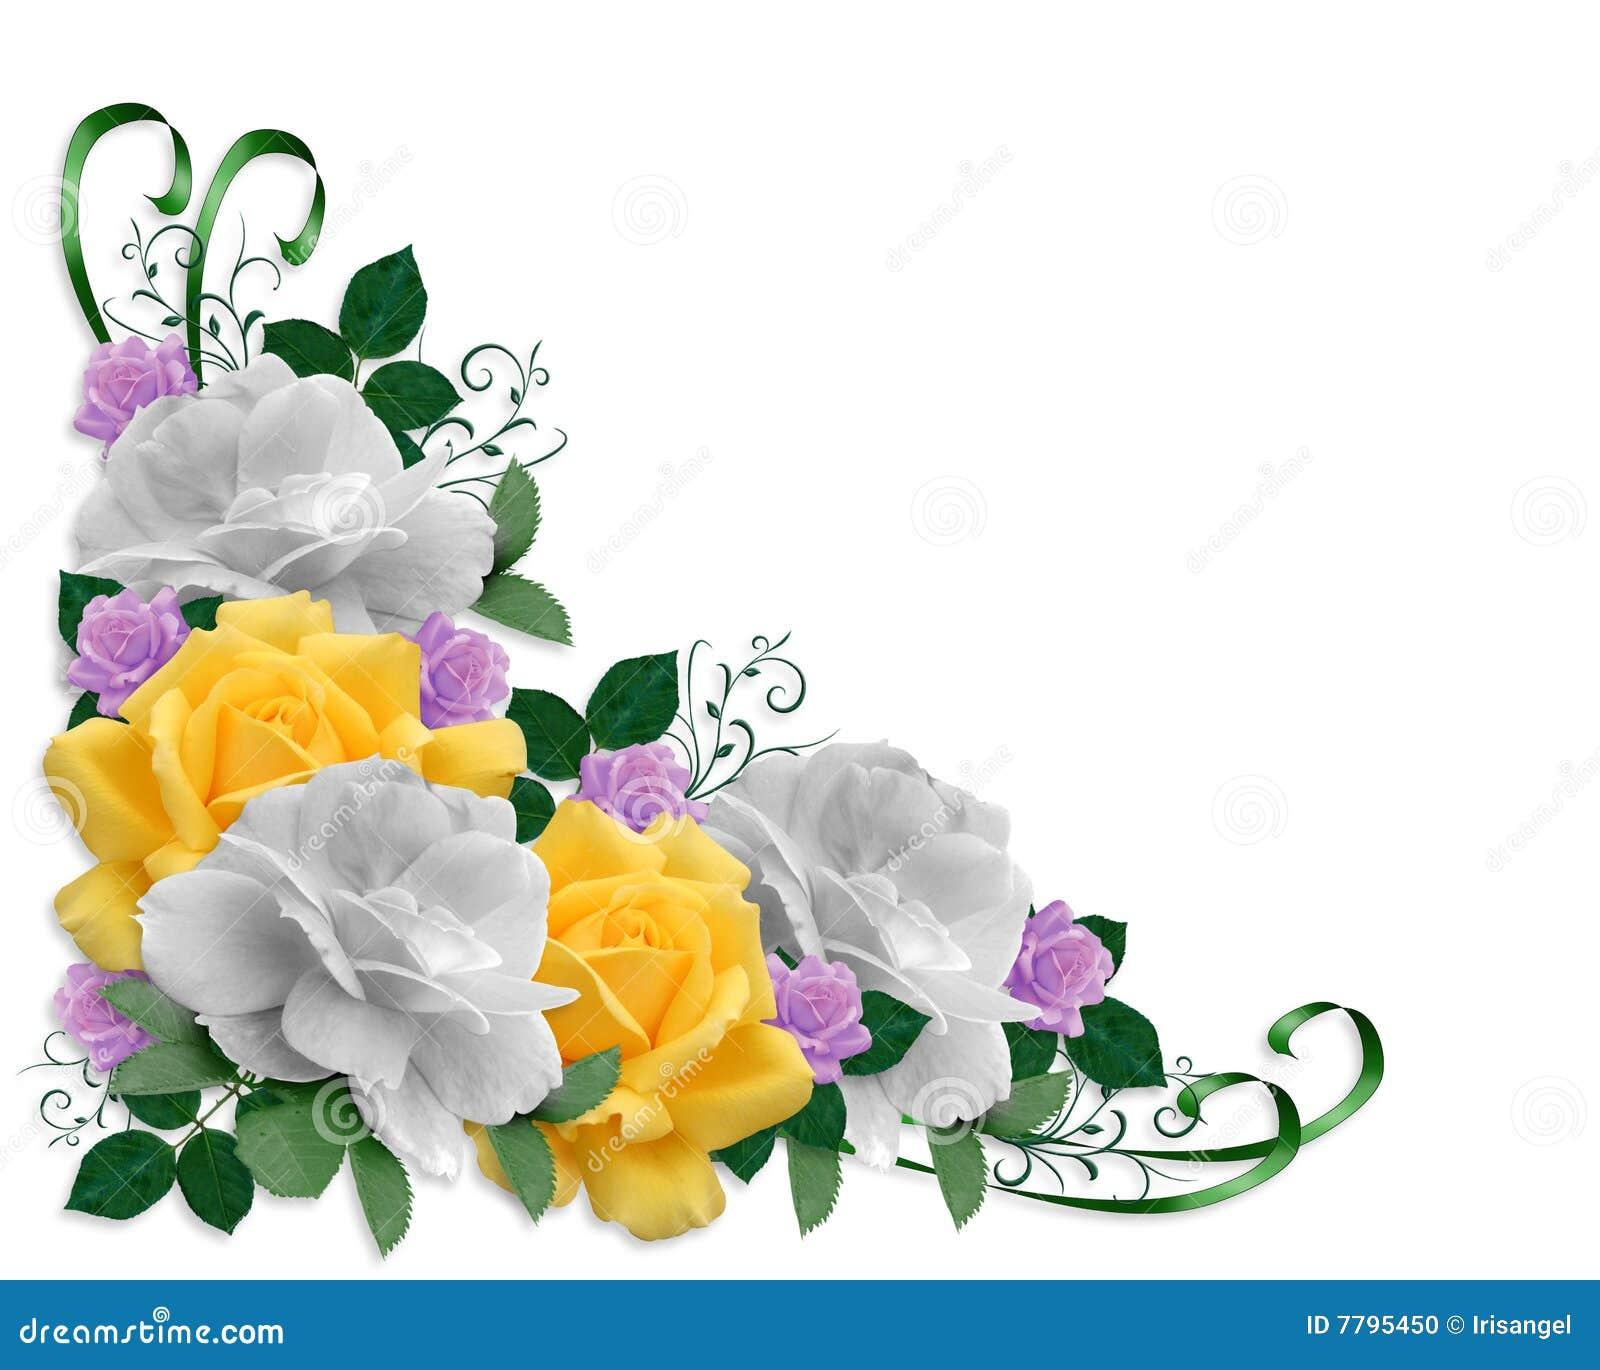 ... Valentine, Easter or wedding invitation, background, border or frame